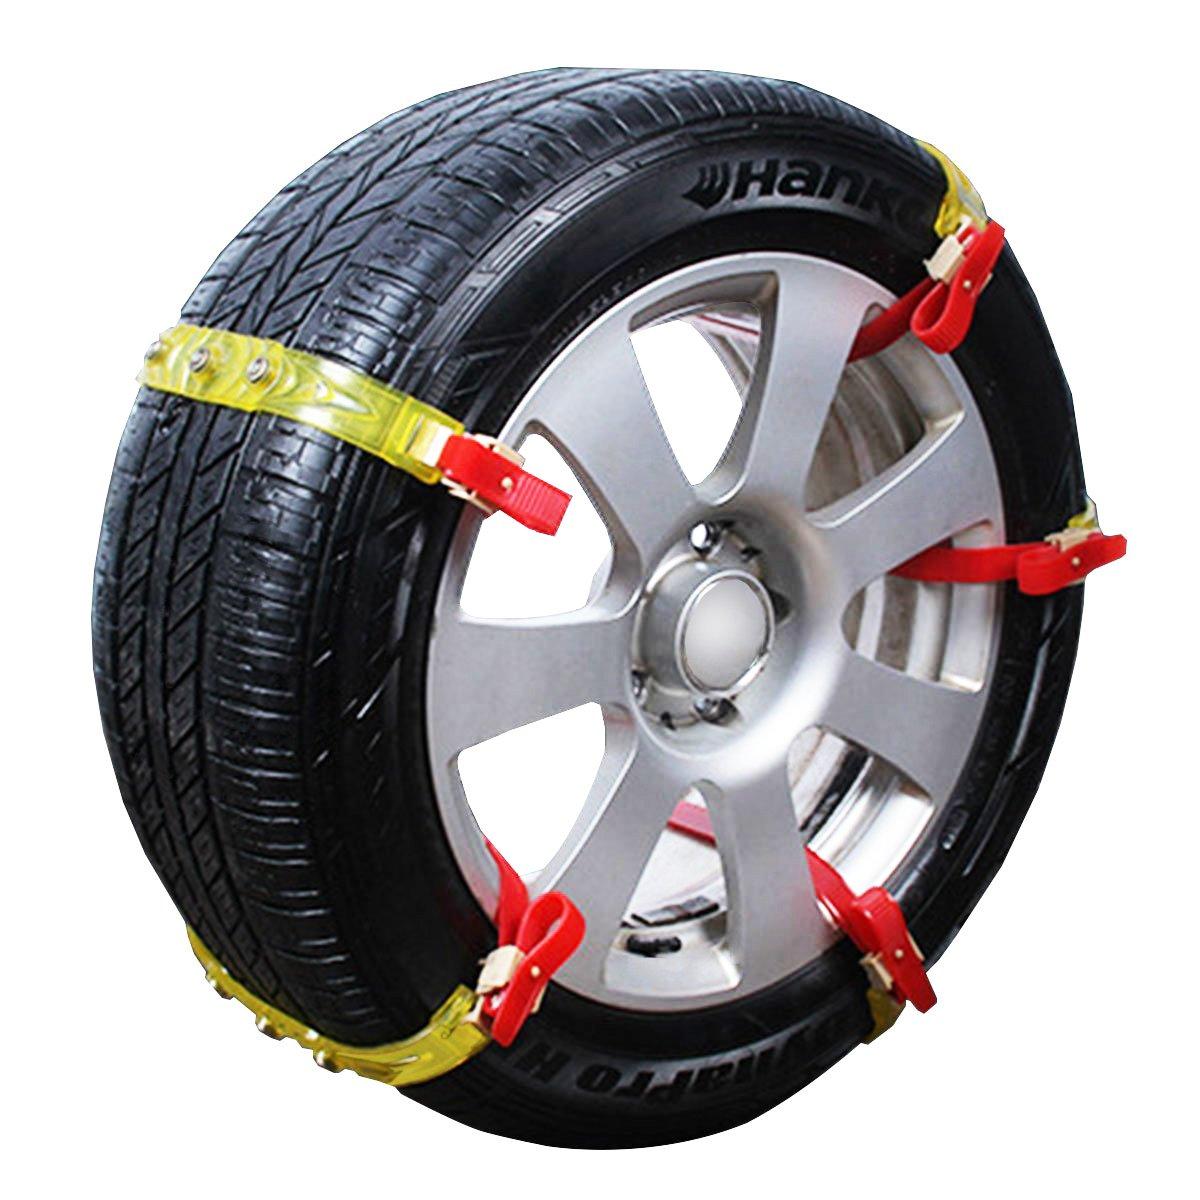 ロシヒ タイヤチェーン 自動車タイヤ滑り止めチェーン 簡易型 非金属タイヤチェーン 通用タイプ 雪道/凍結/砂道/悪路155mm-275mm幅のタイヤ対応 4本入 B079KRLD8Xgold